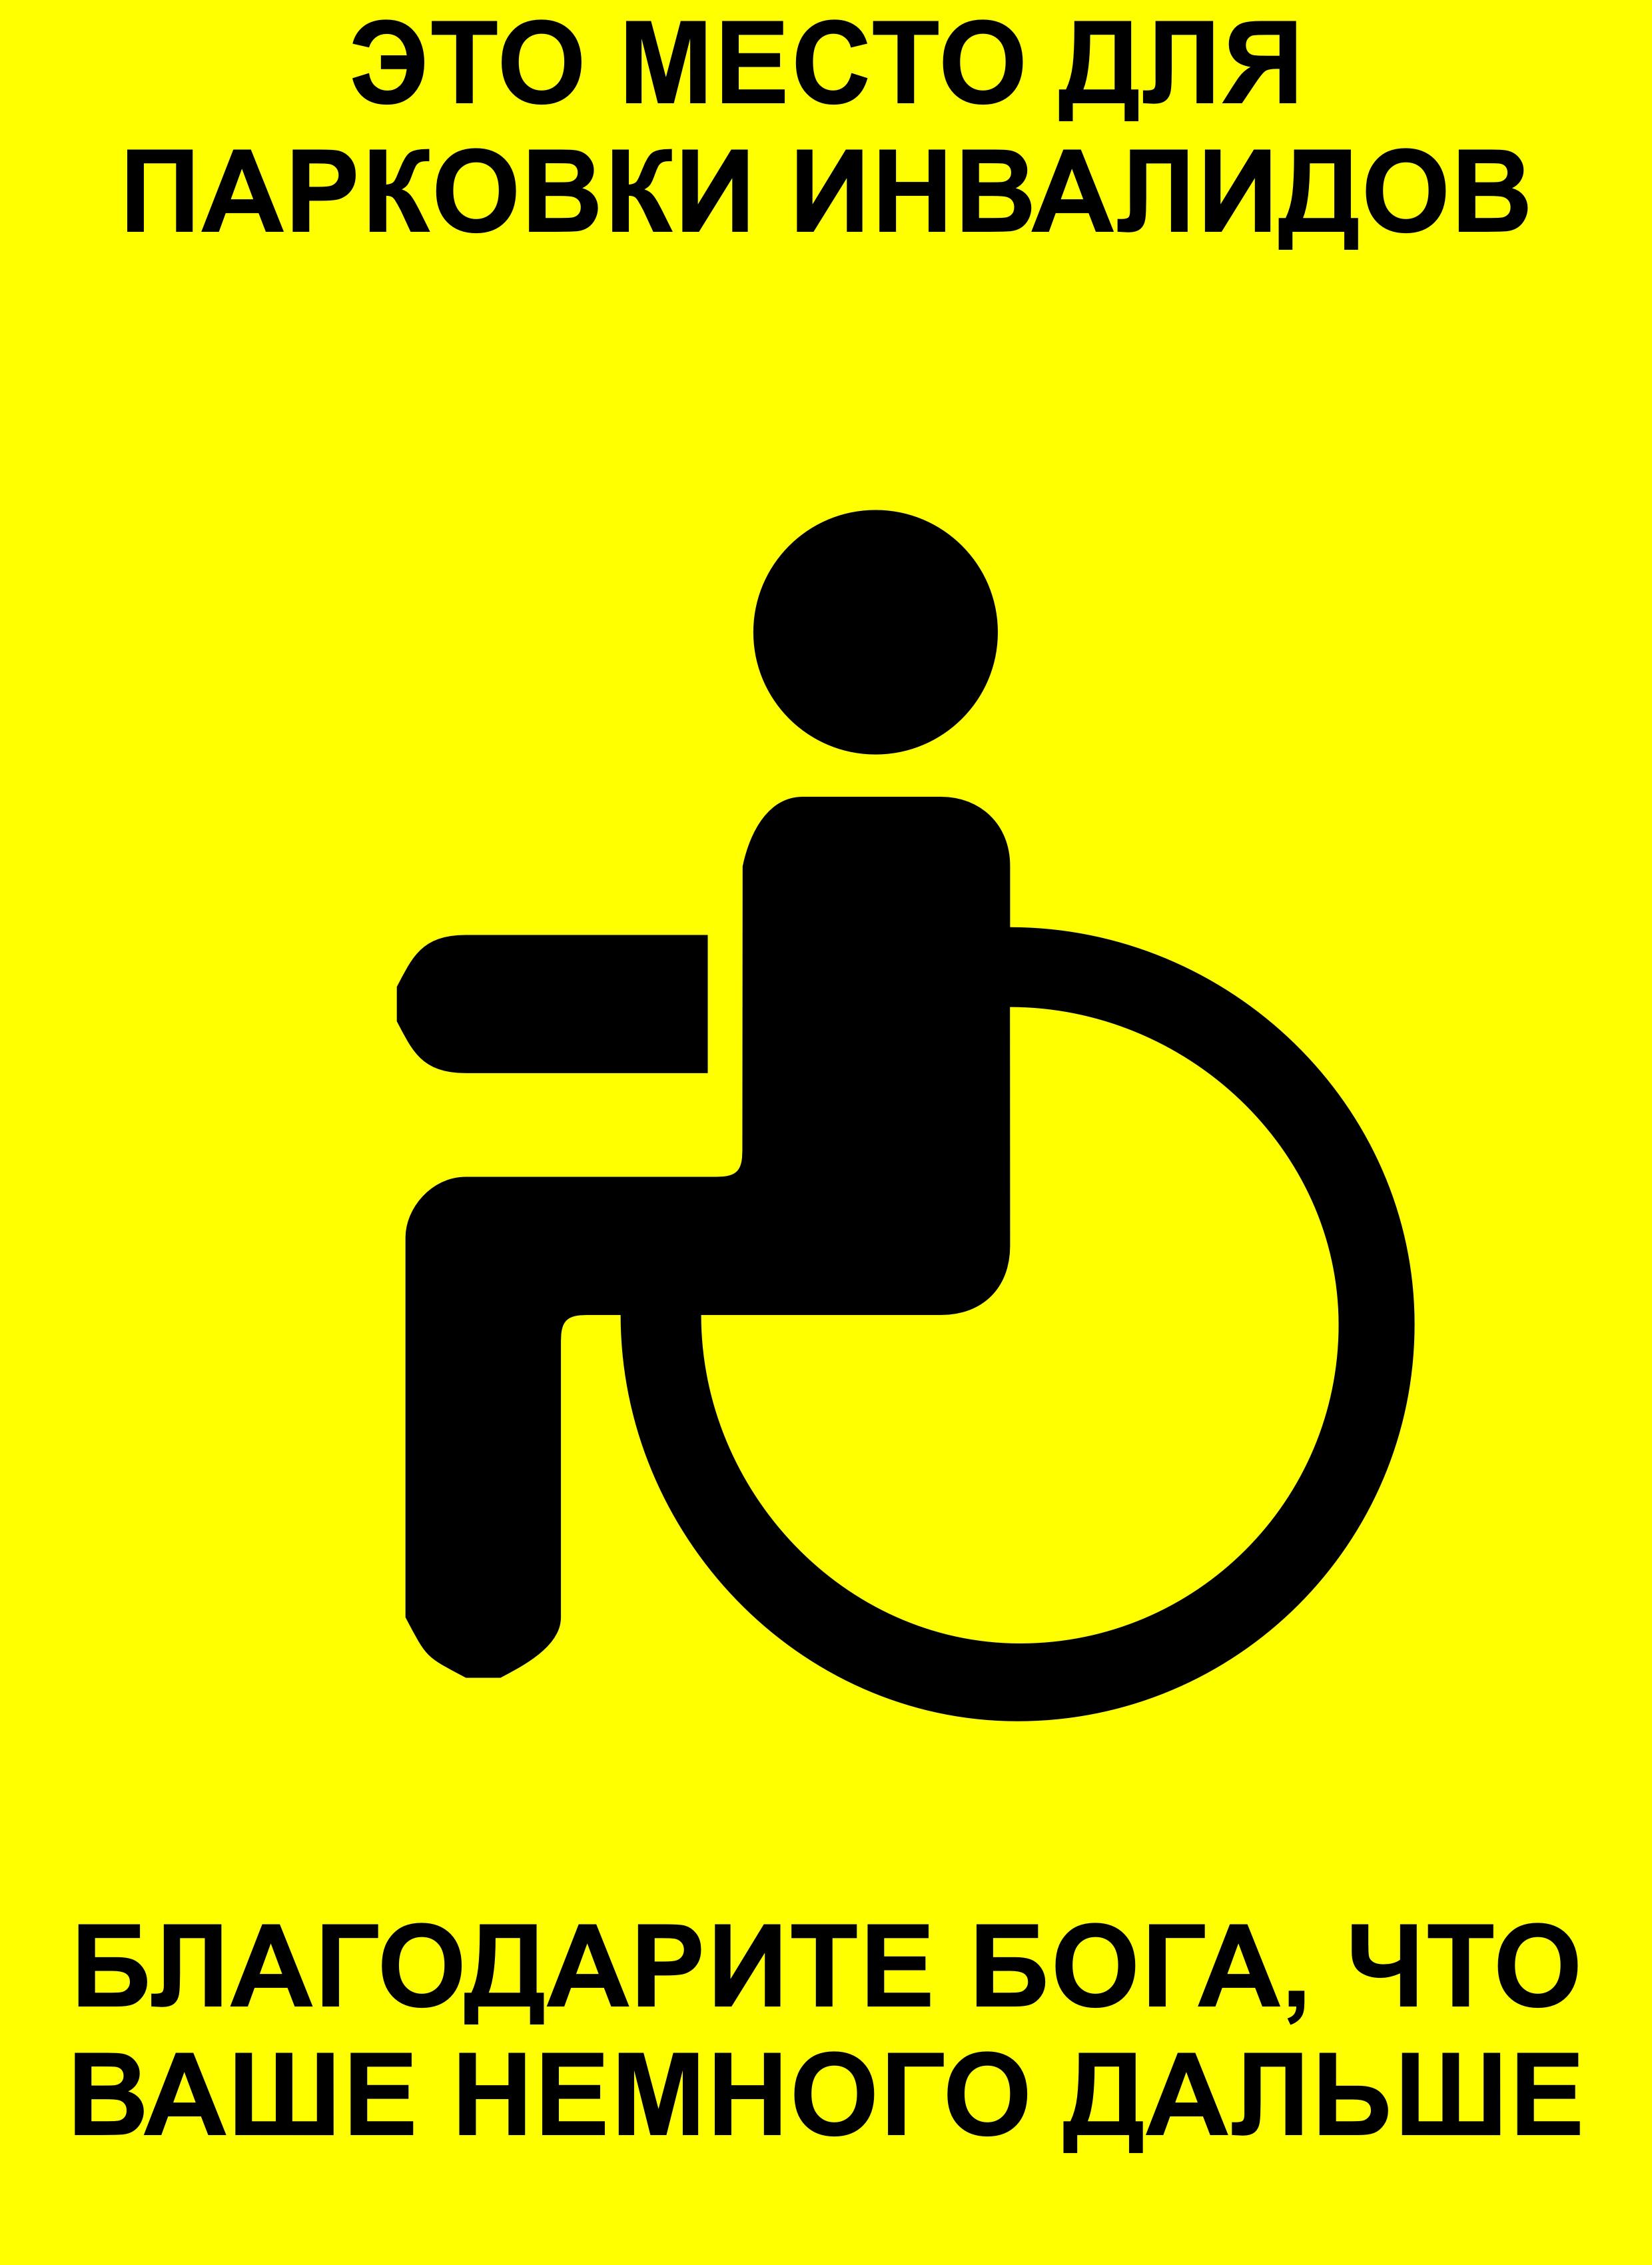 для кого парковки со знаком инвалид